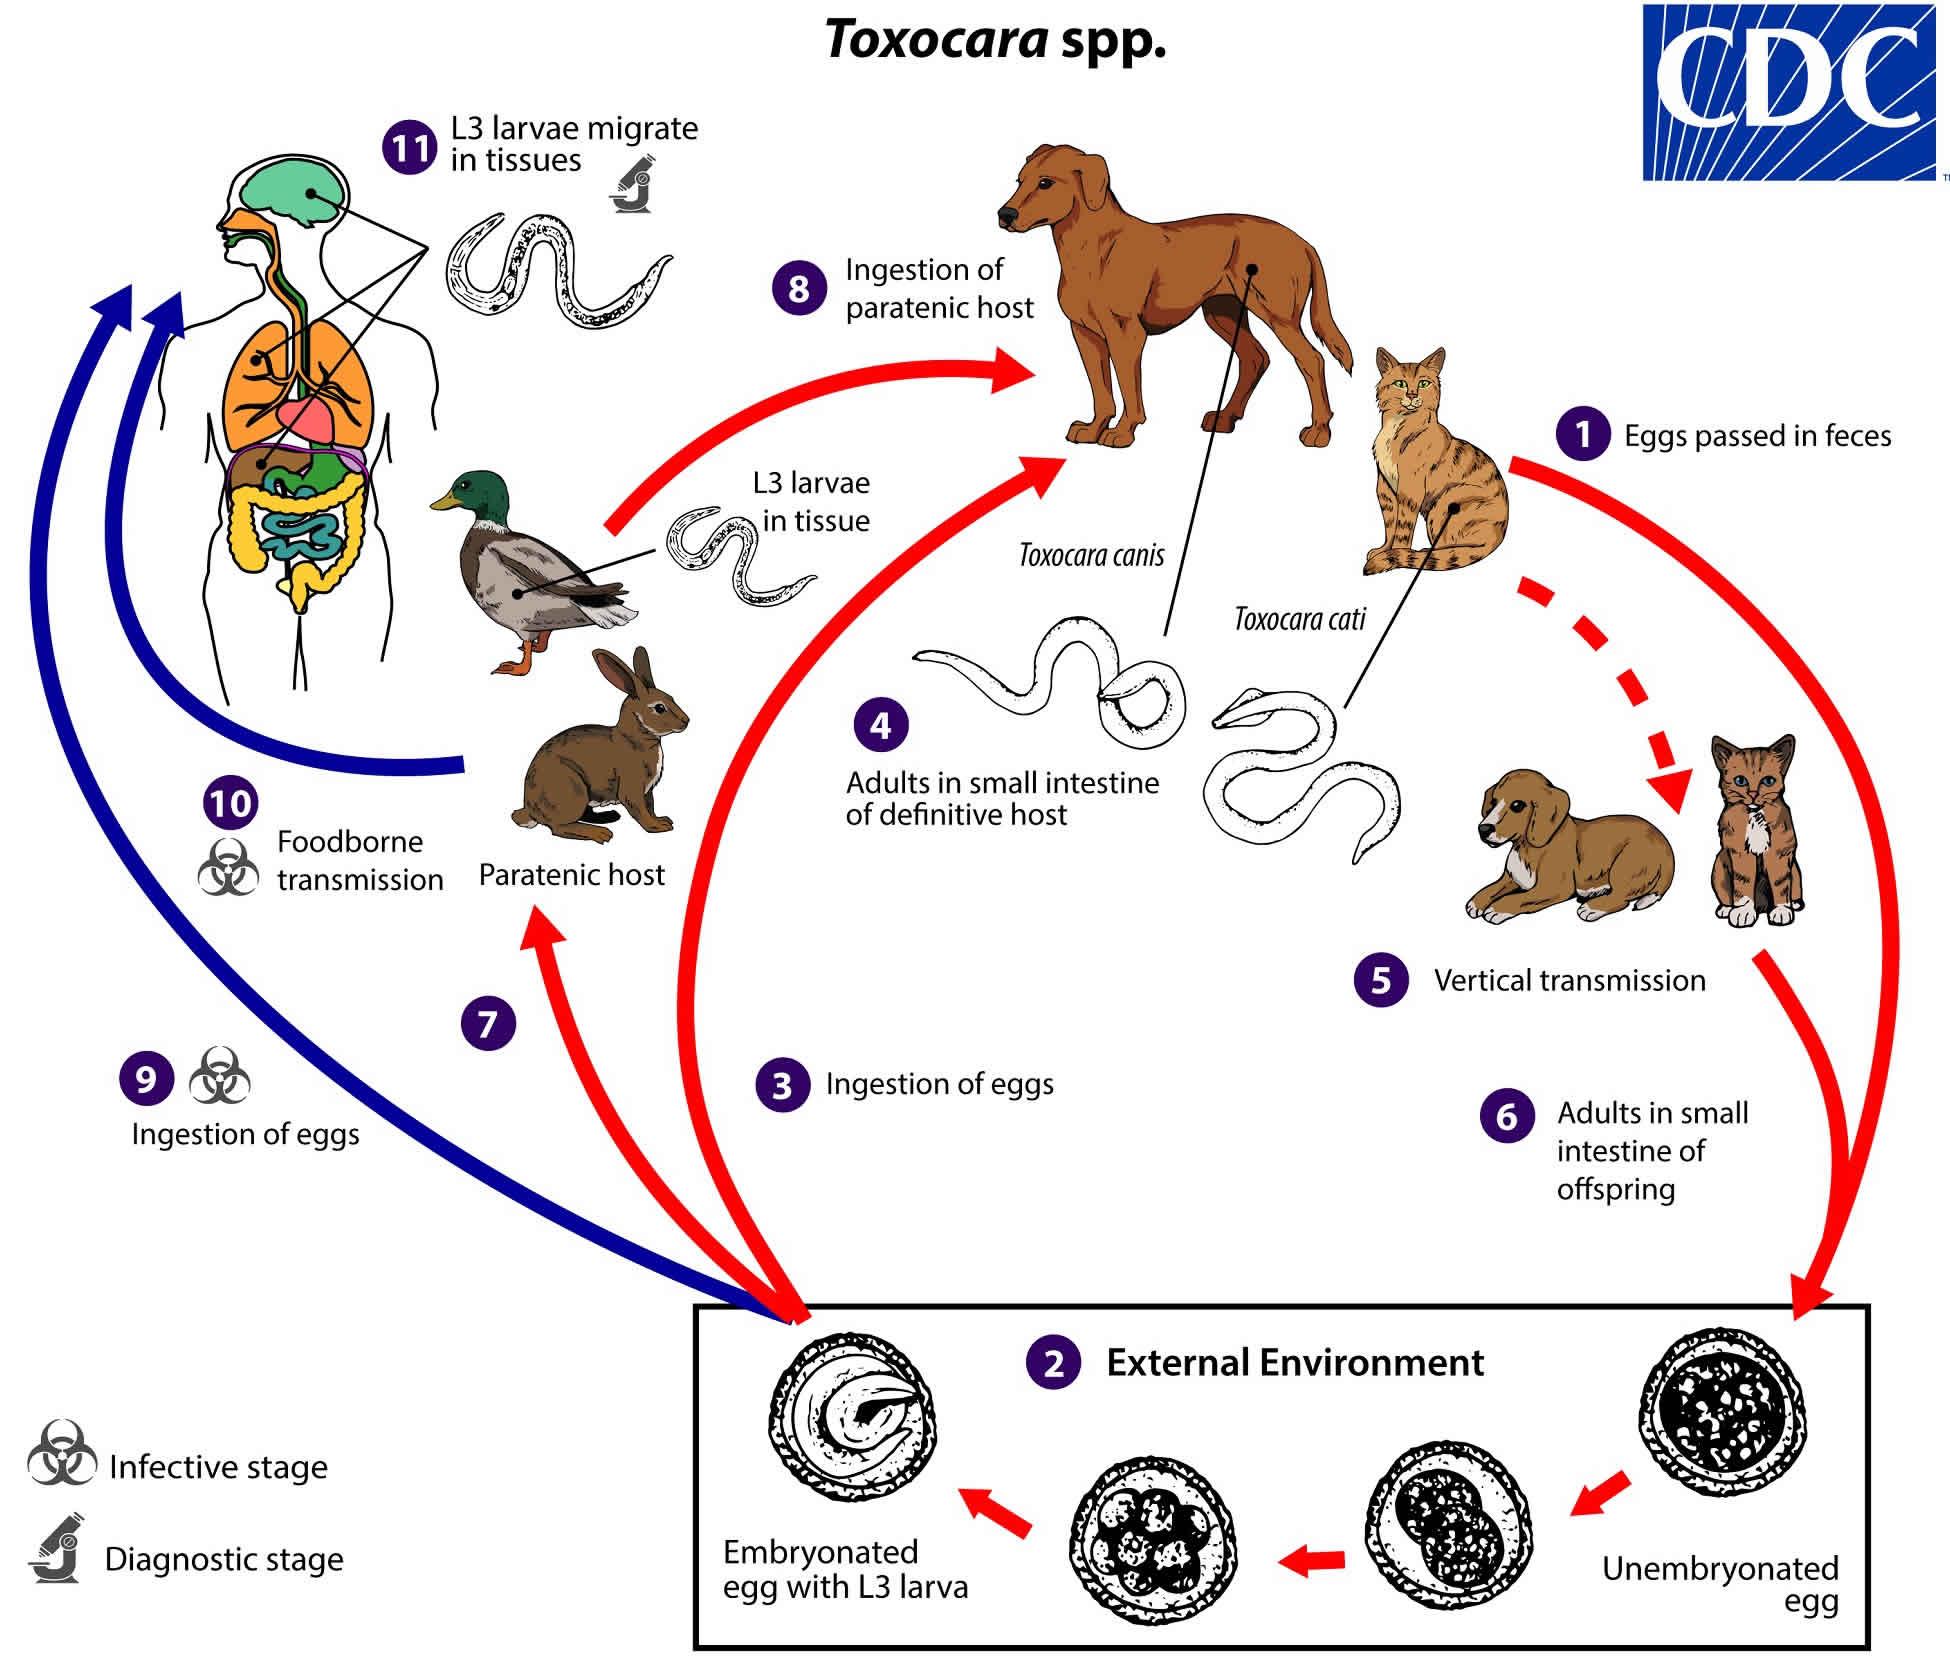 Toxocara life cycle